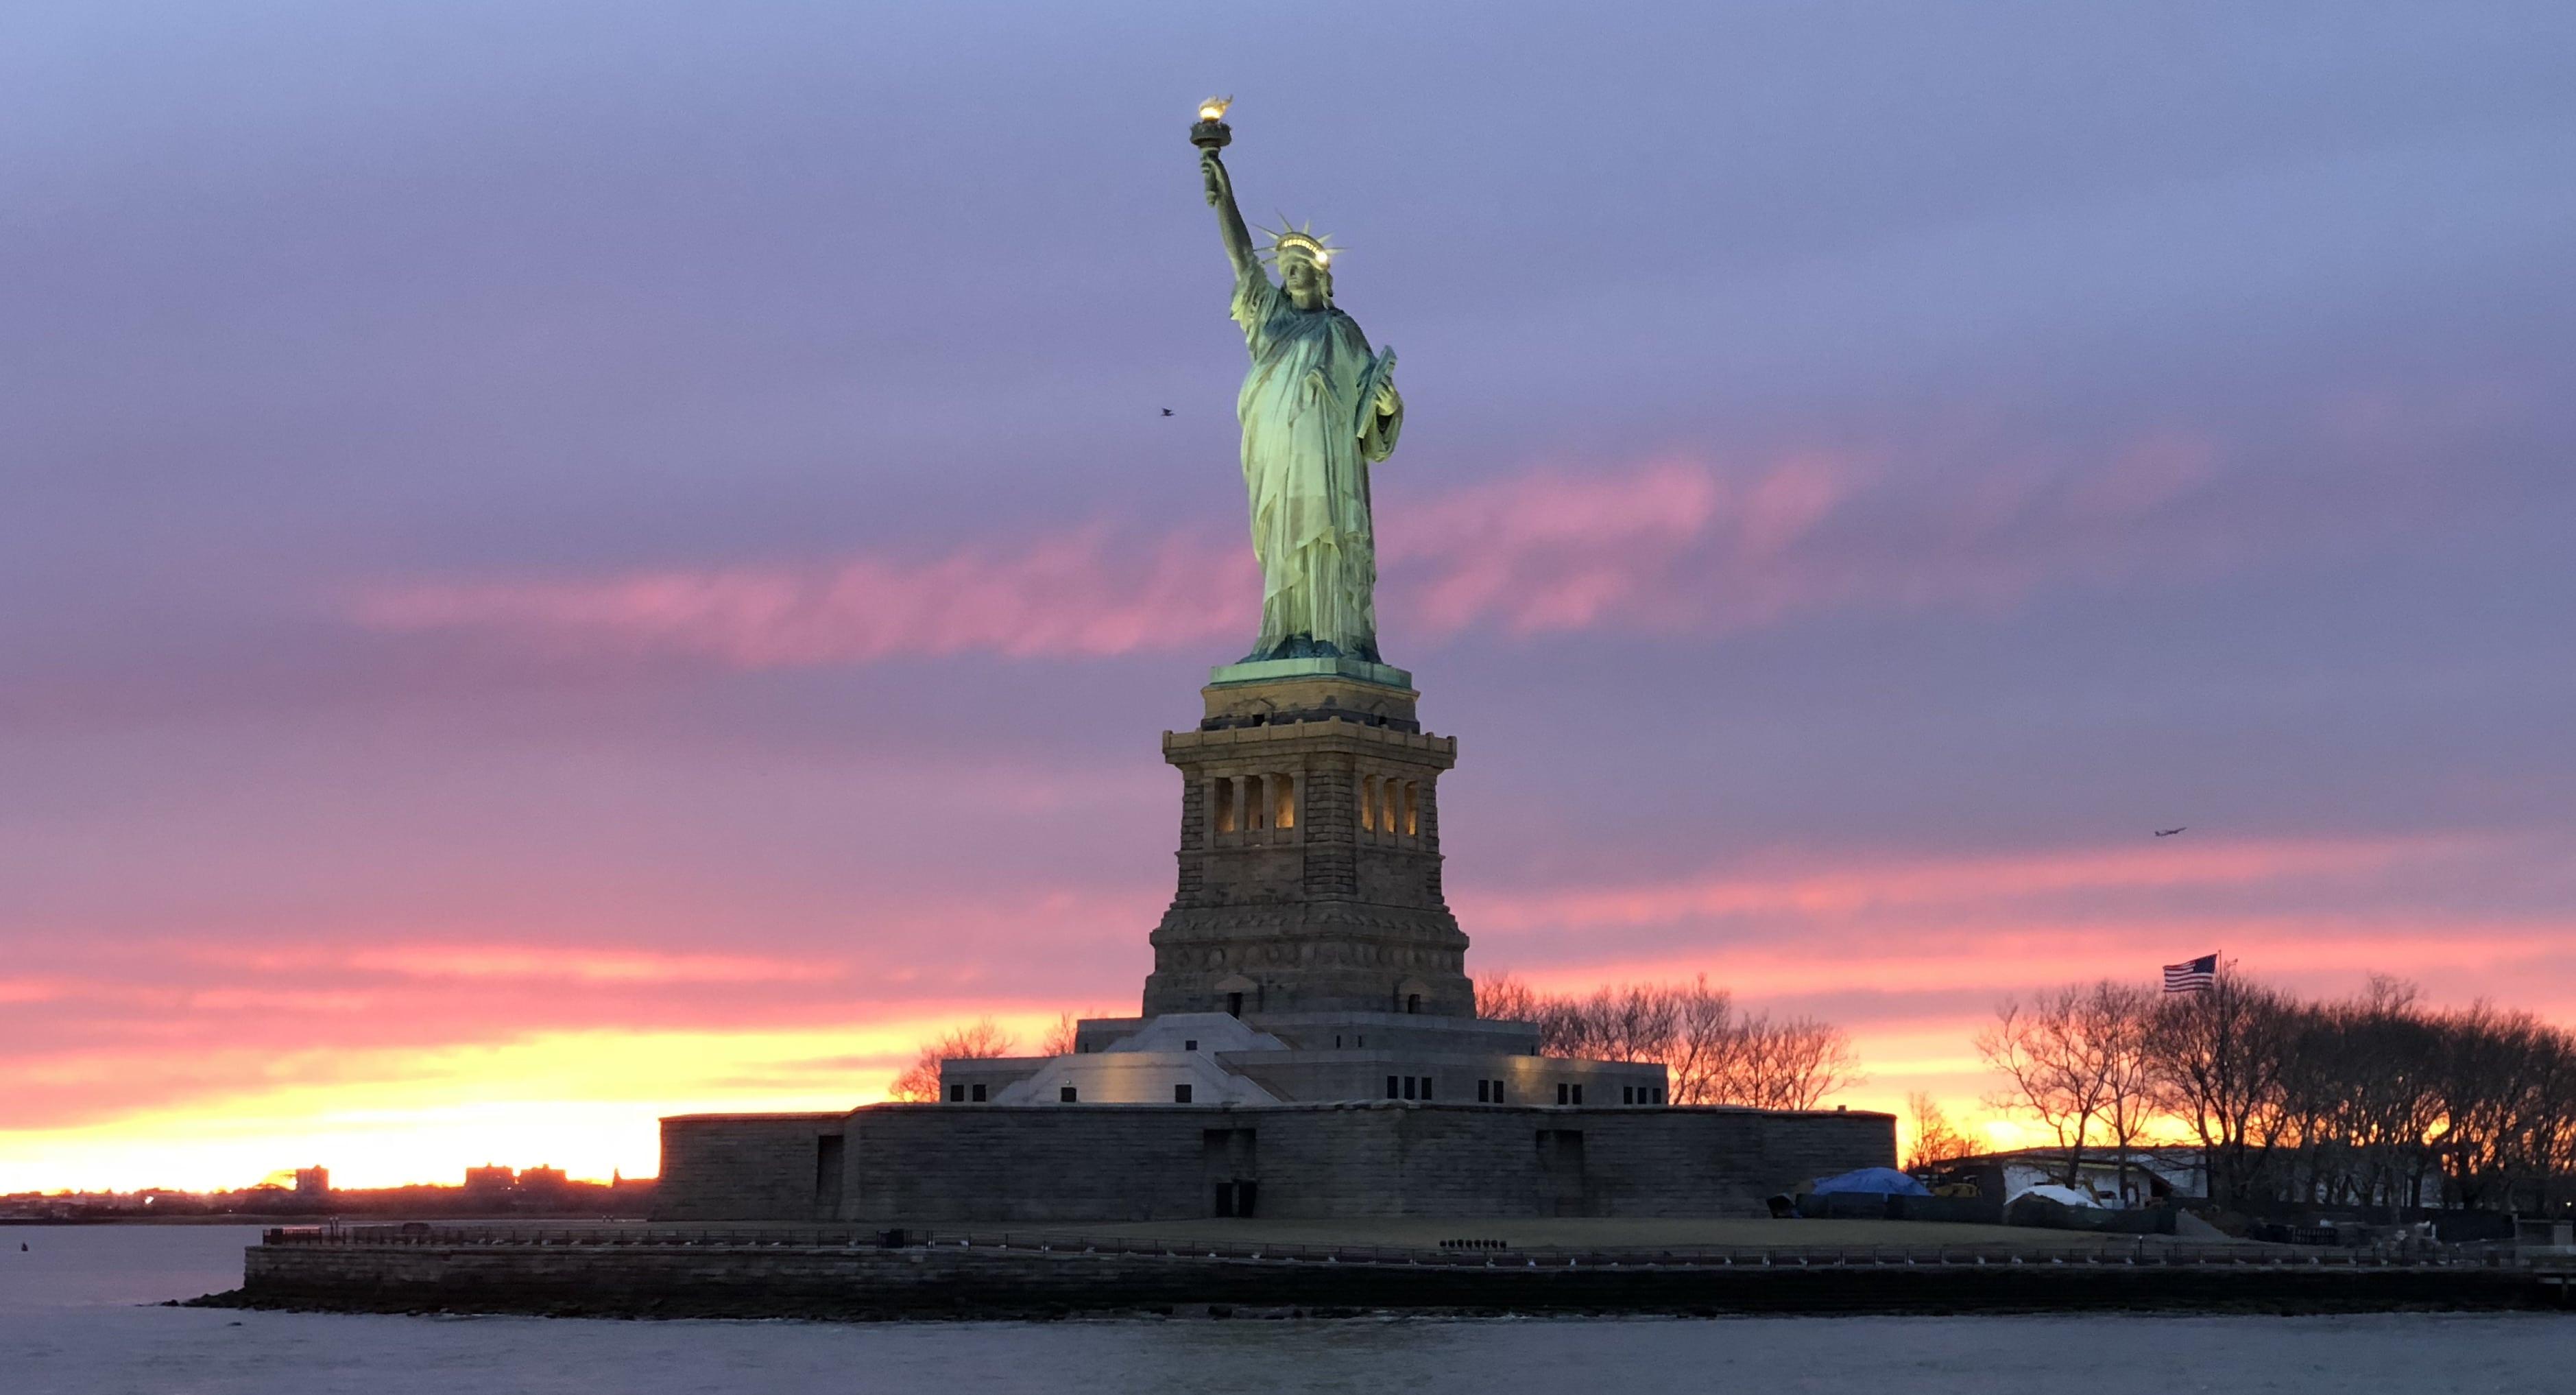 6 jours à New York - Planning, conseils & bonnes adresses 4